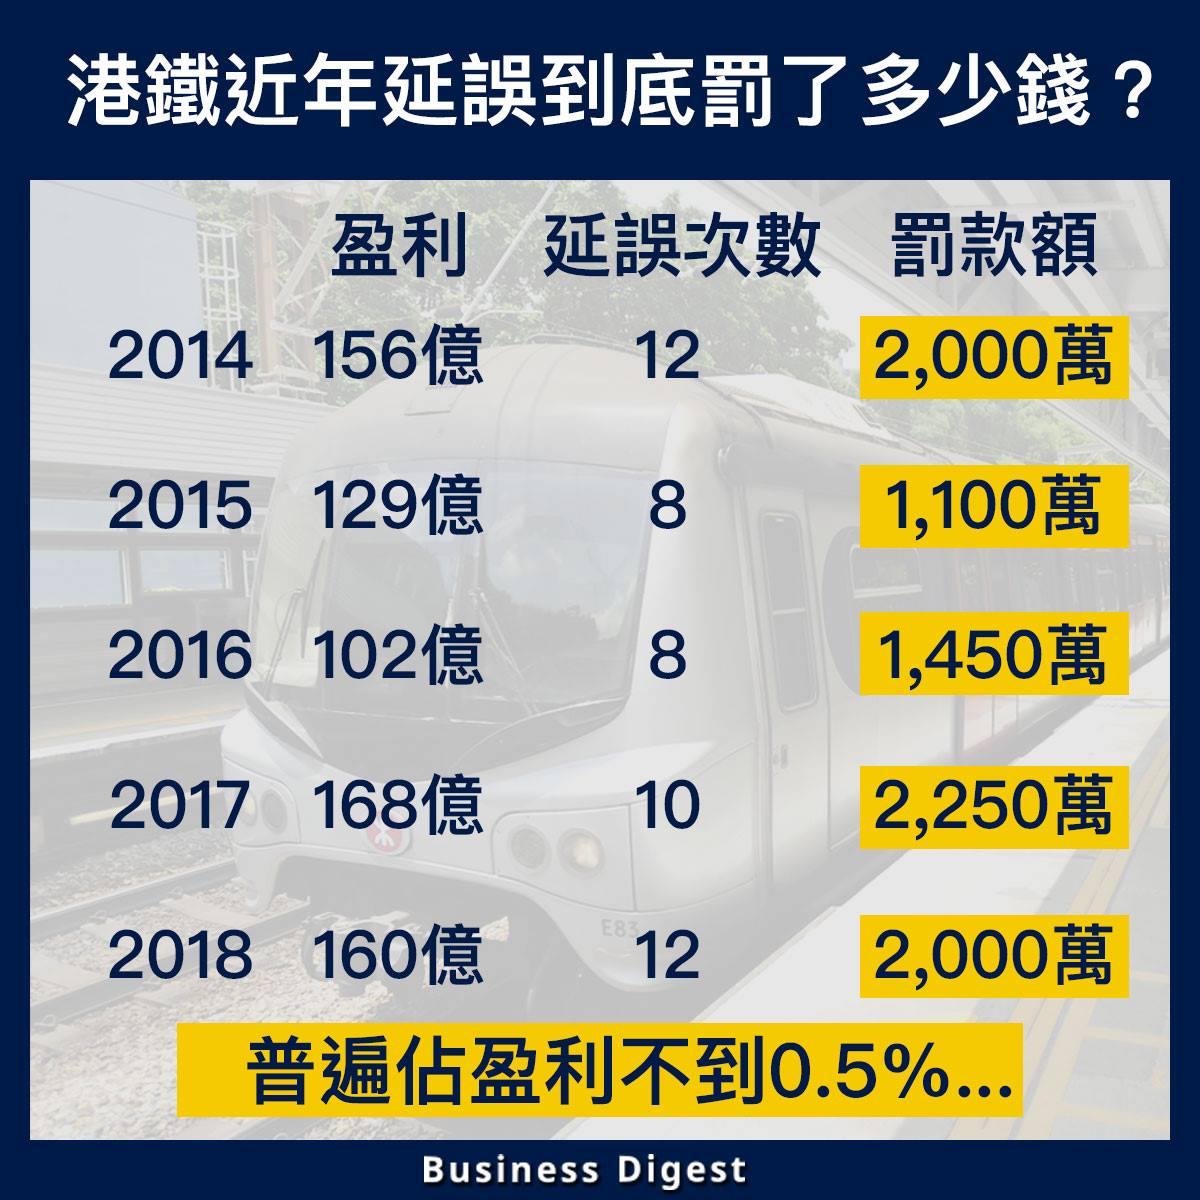 【從數據認識經濟】港鐵近年延誤到底罰了多少錢?